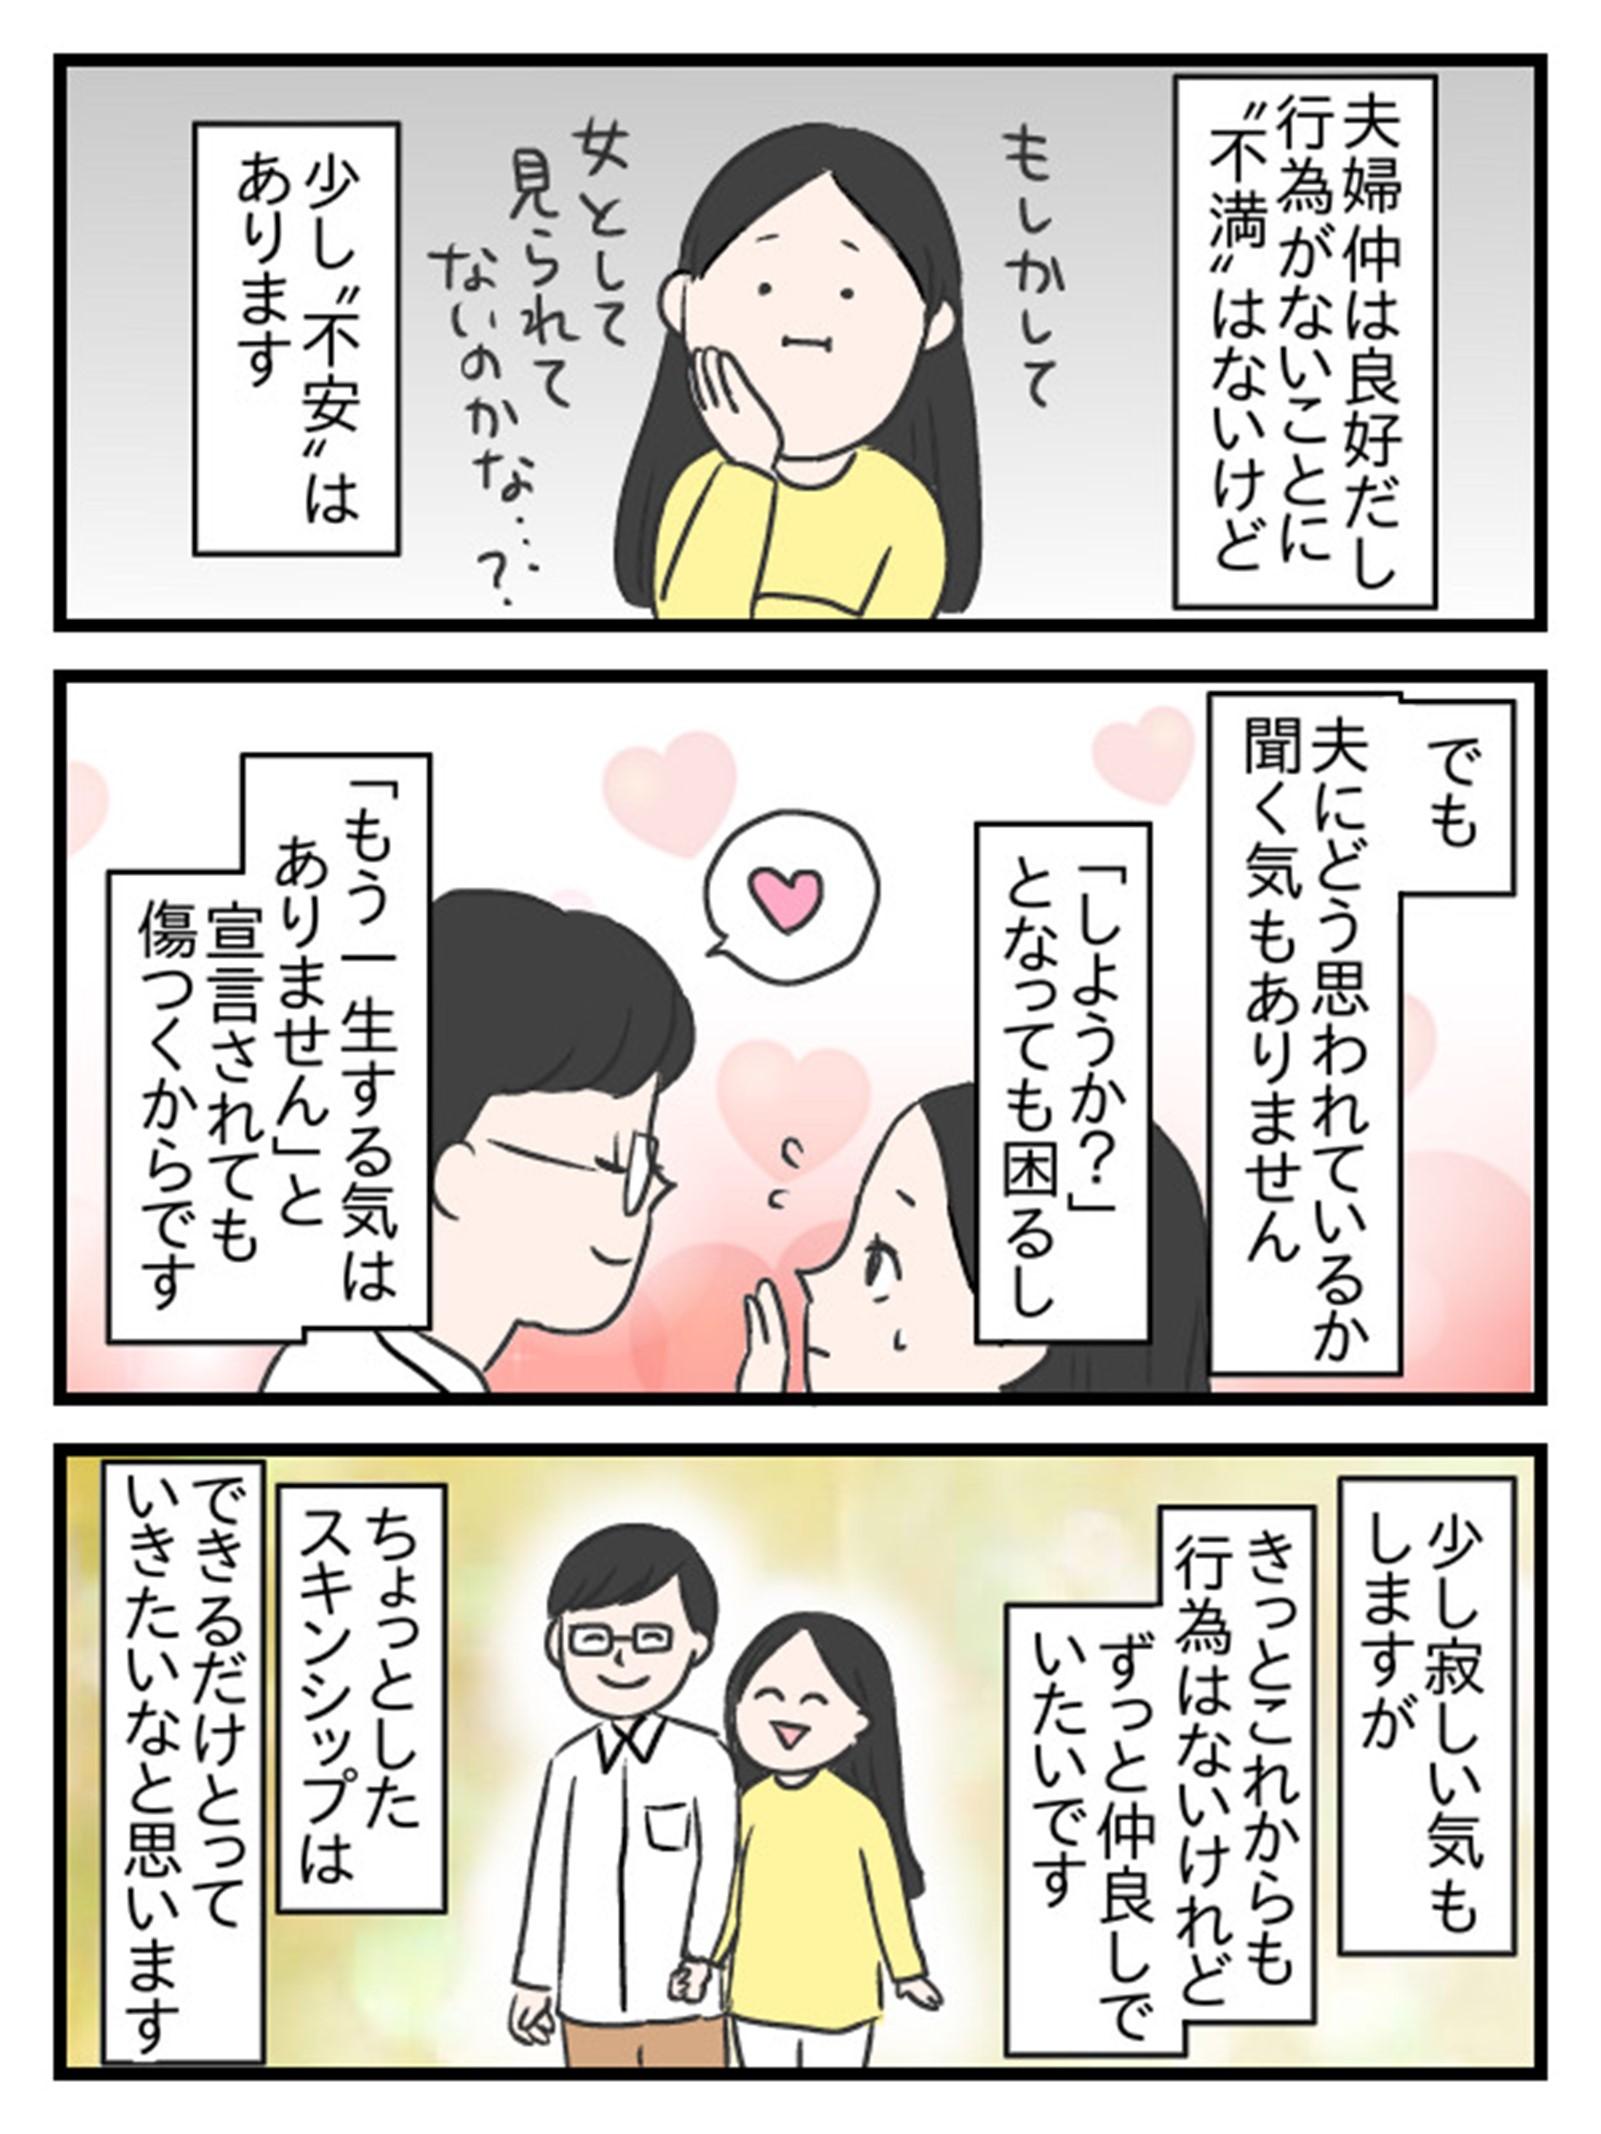 saikoukai4-2